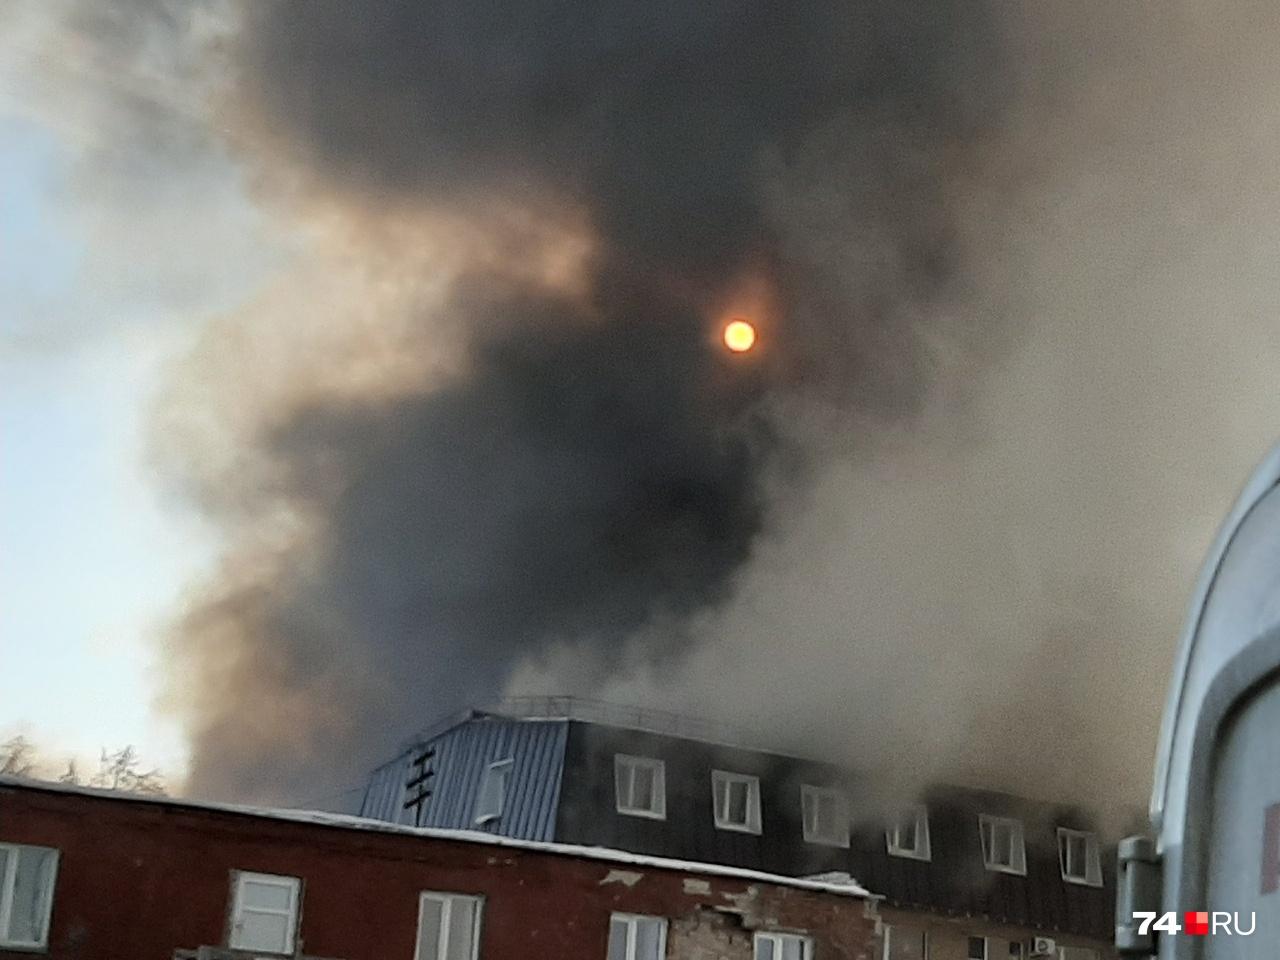 Через крышу идёт столб чёрного дыма